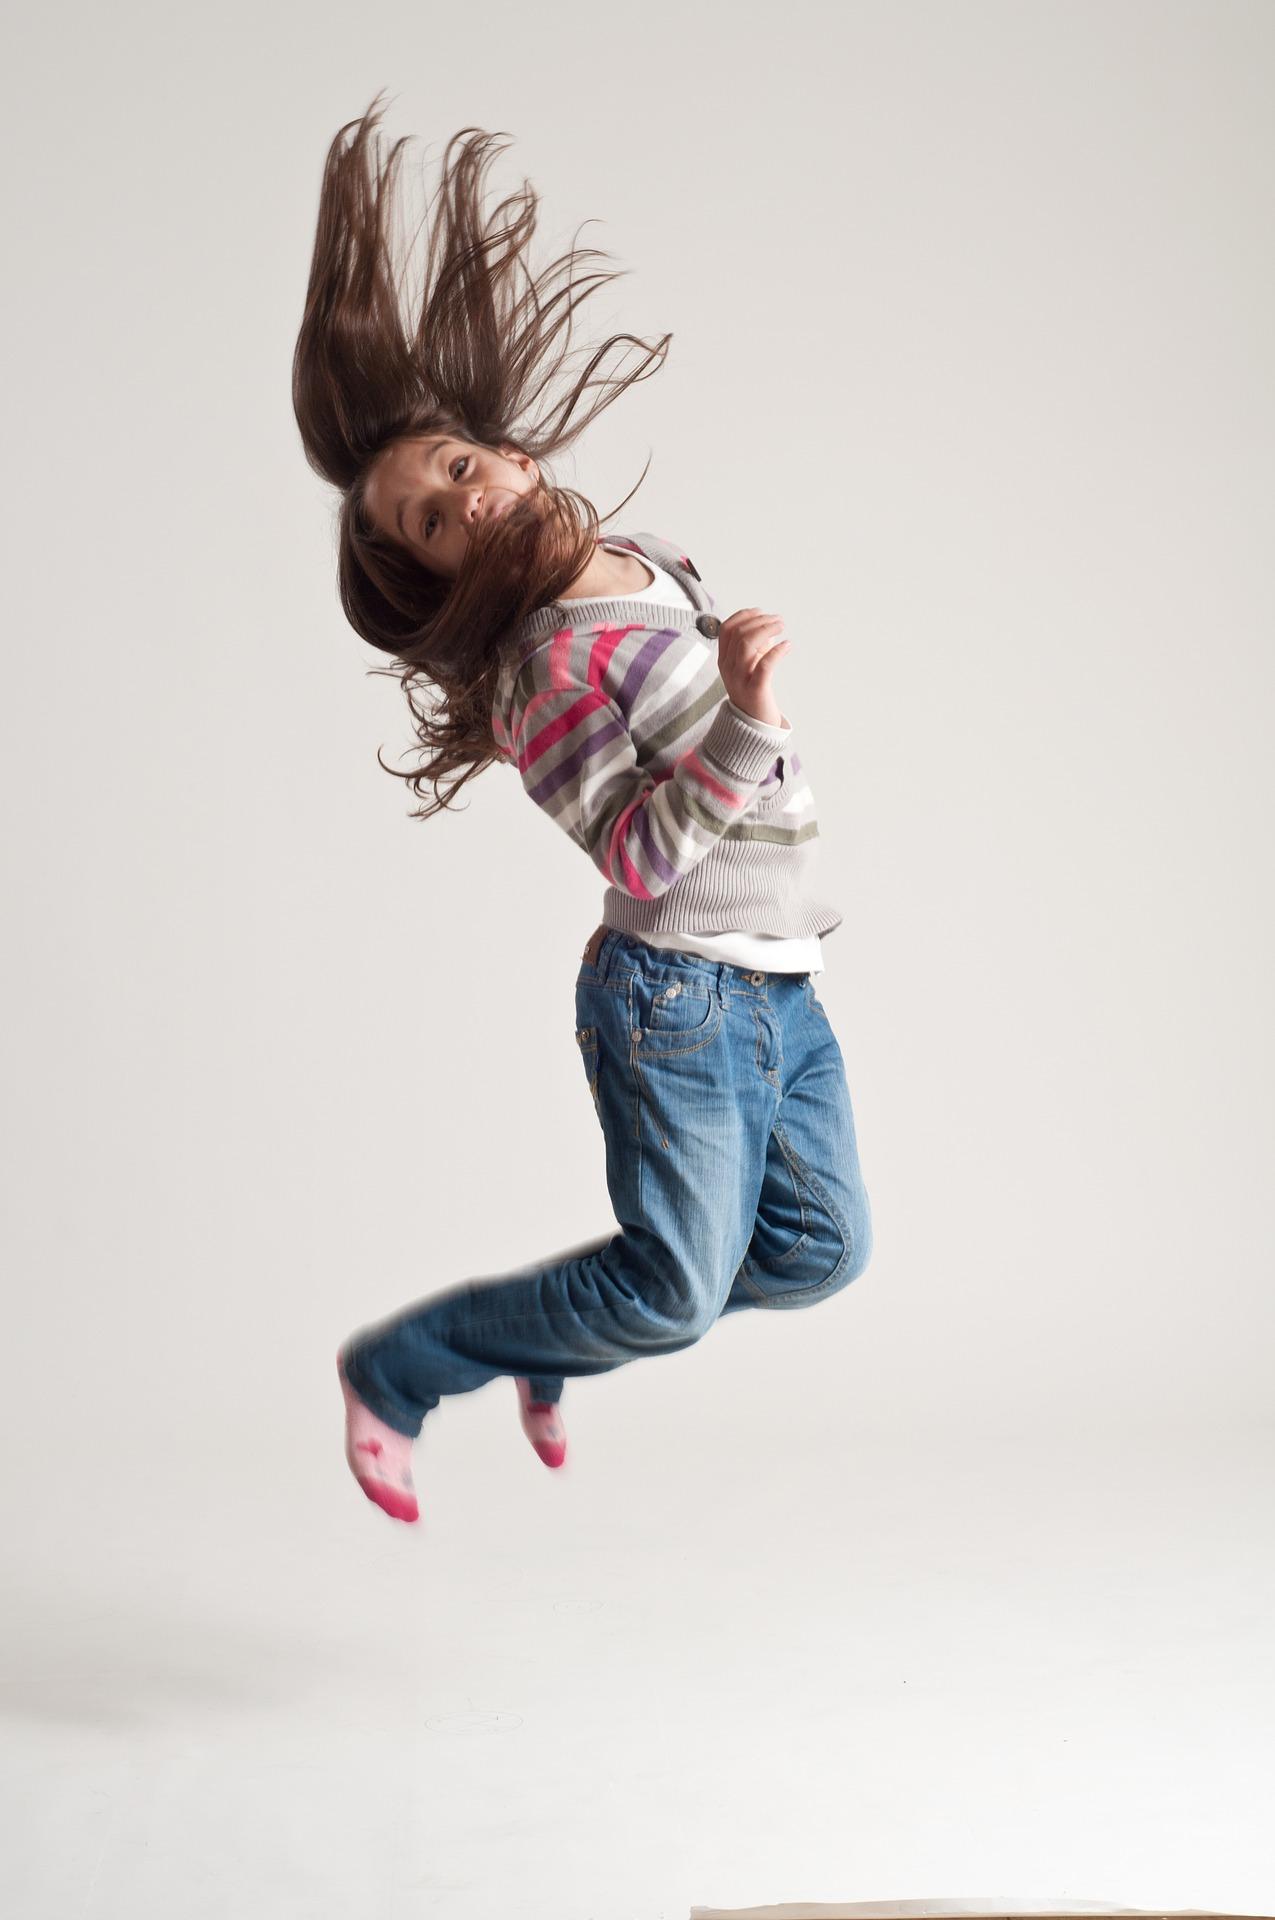 jump-1972787_1920.jpg